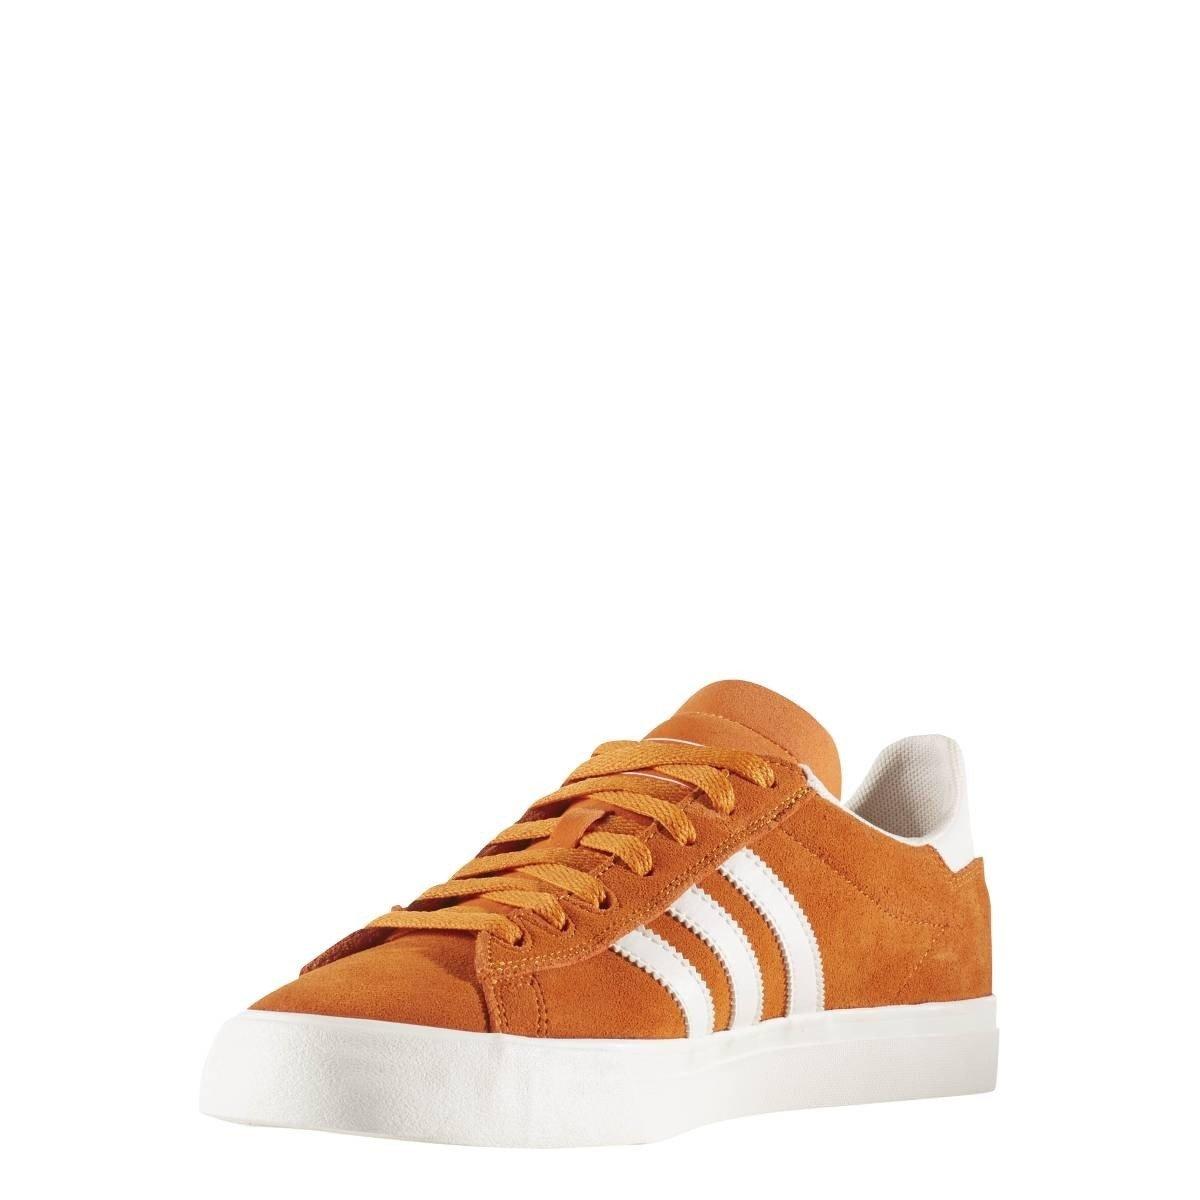 adidas Skateboarding Campus Vulc II ADV, Tactile Orange-Chalk White-Chalk White 10|Tactile Orange-chalk White-chalk White